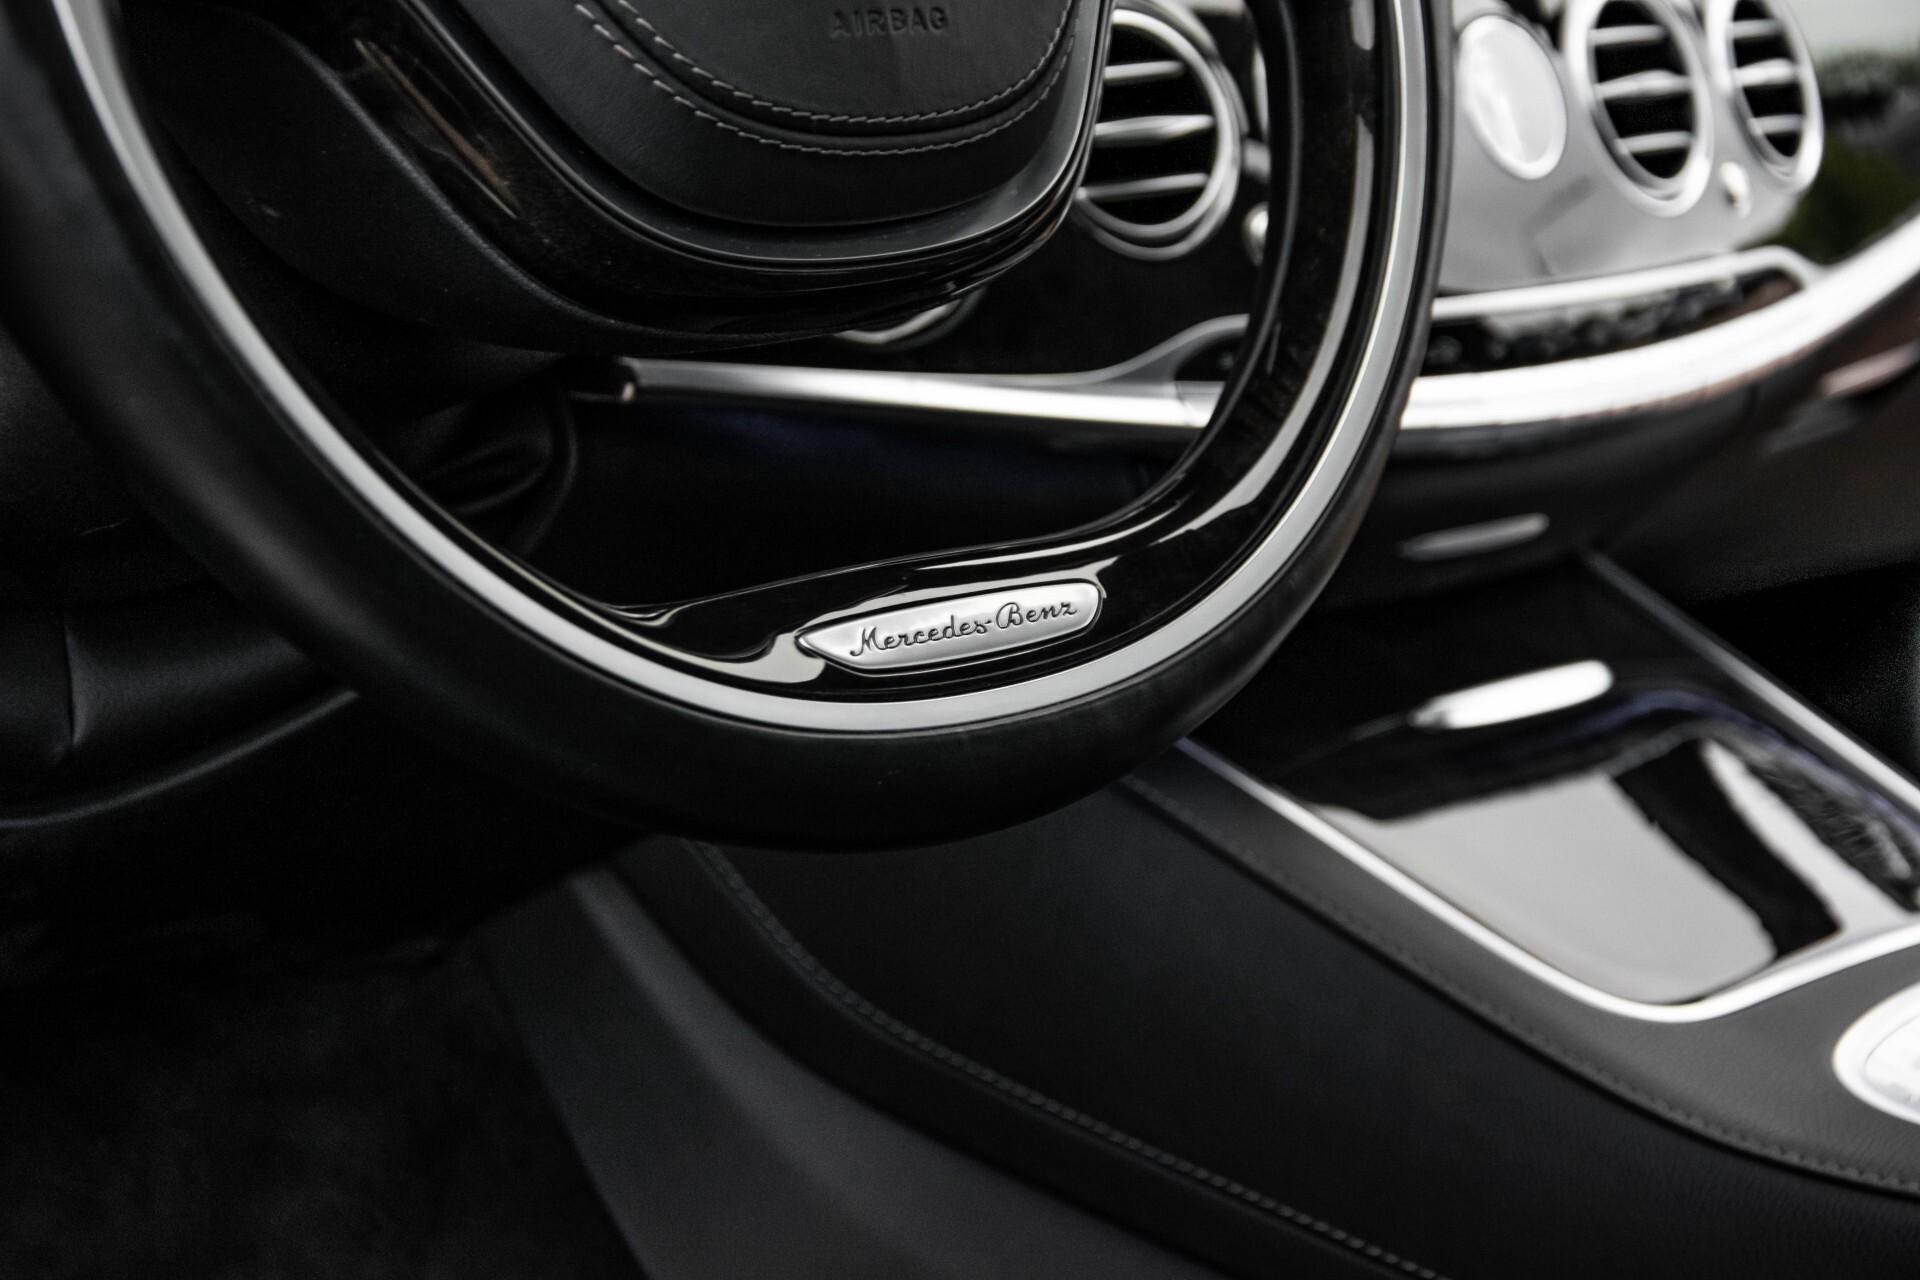 Mercedes-Benz S-Klasse 500 4-M AMG Panorama/Standkachel/Massage/Entertainment/TV Aut7 Foto 33